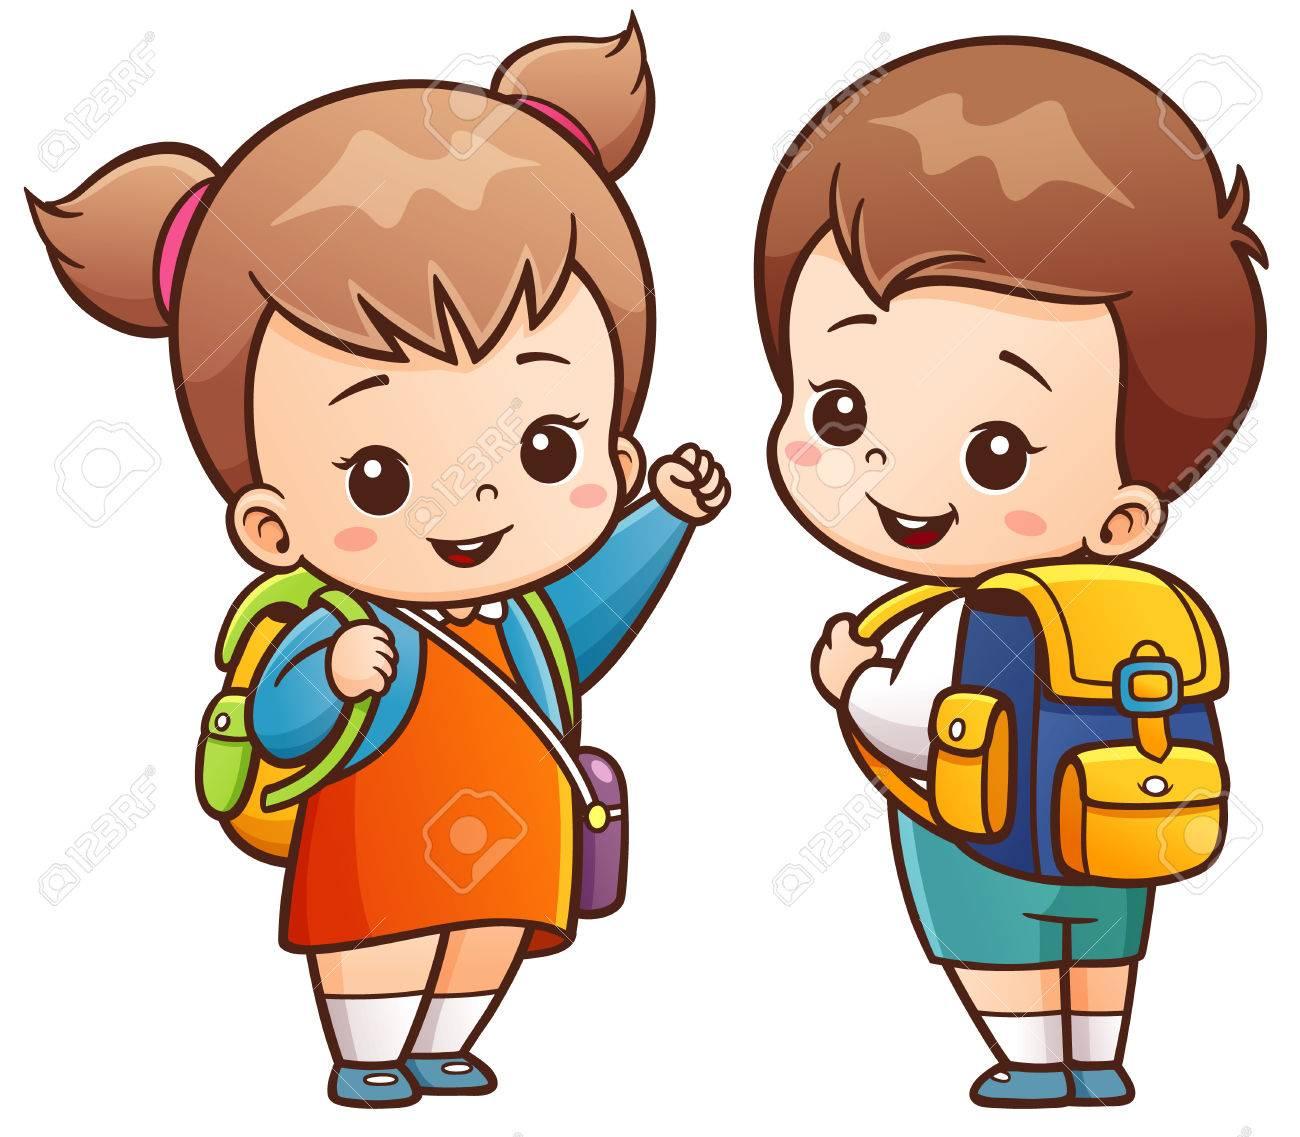 ilustración de dibujos animados de los niños ir a la escuela